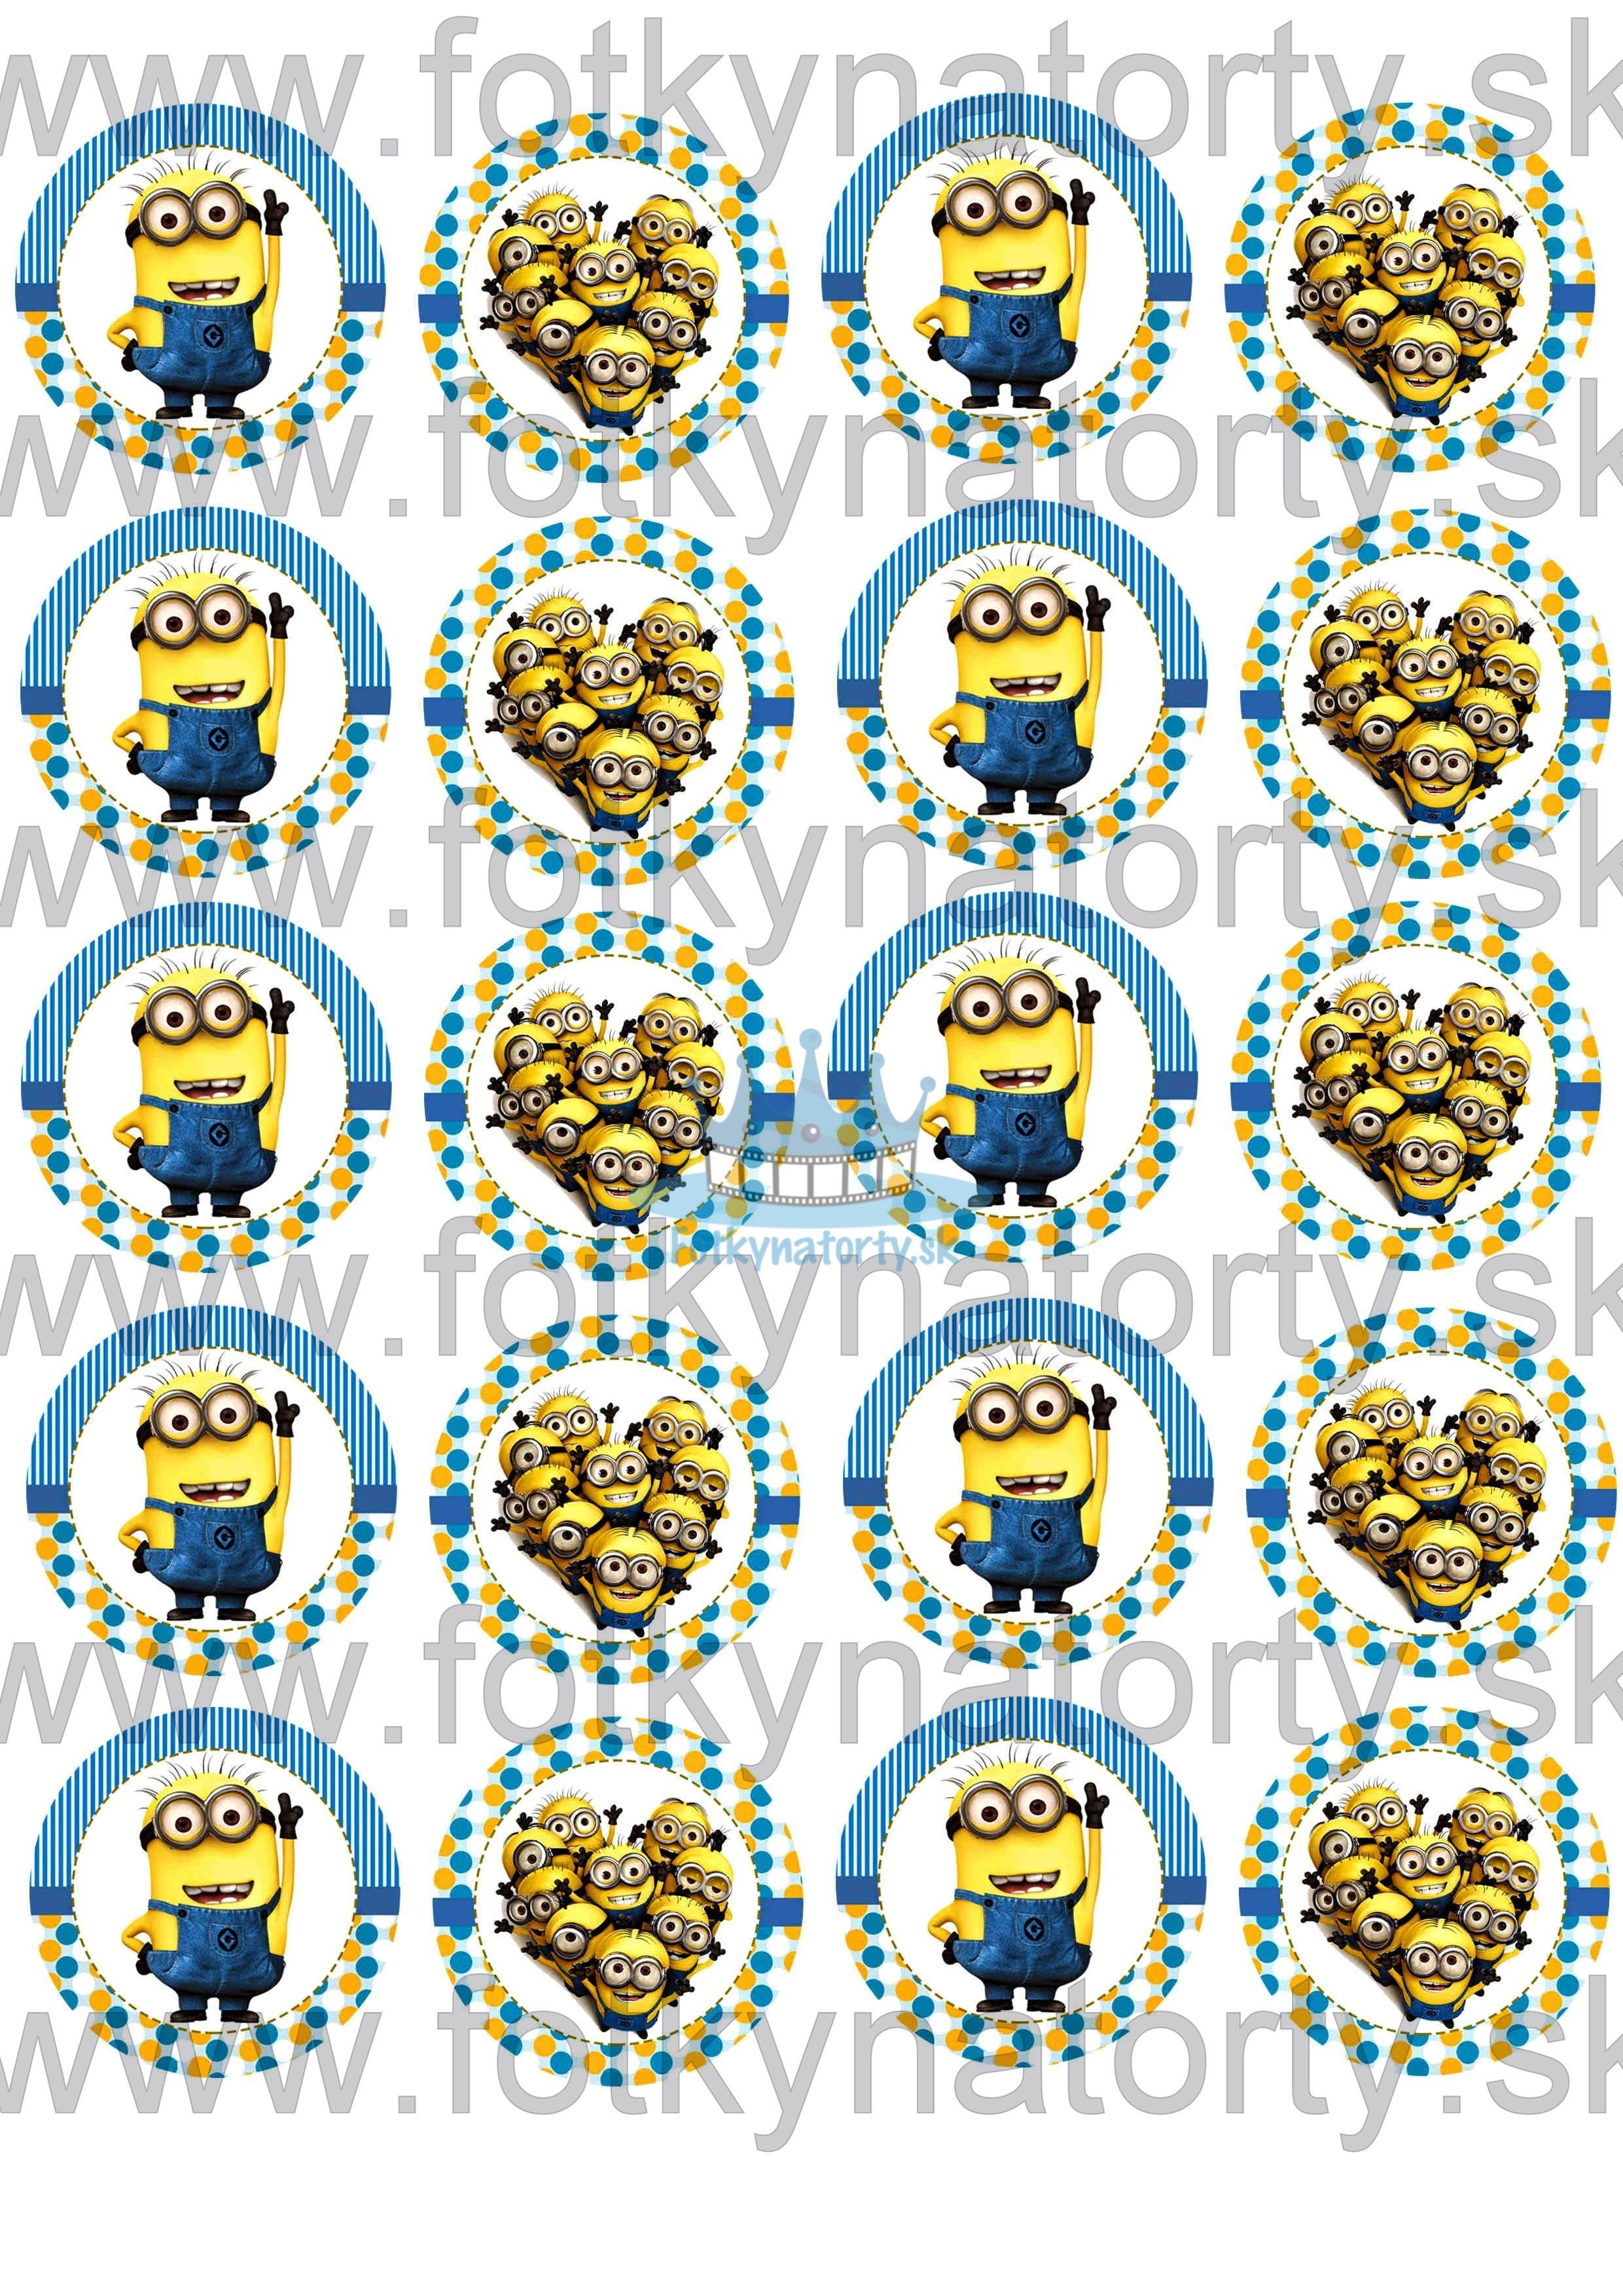 Mimoni / Minions na muffiny - 20 ks - jedlé obrázky na zákusky, medovníčky a iné dobrôtky / na tortu / jedlé tortové obrázky / Fotky na Torty